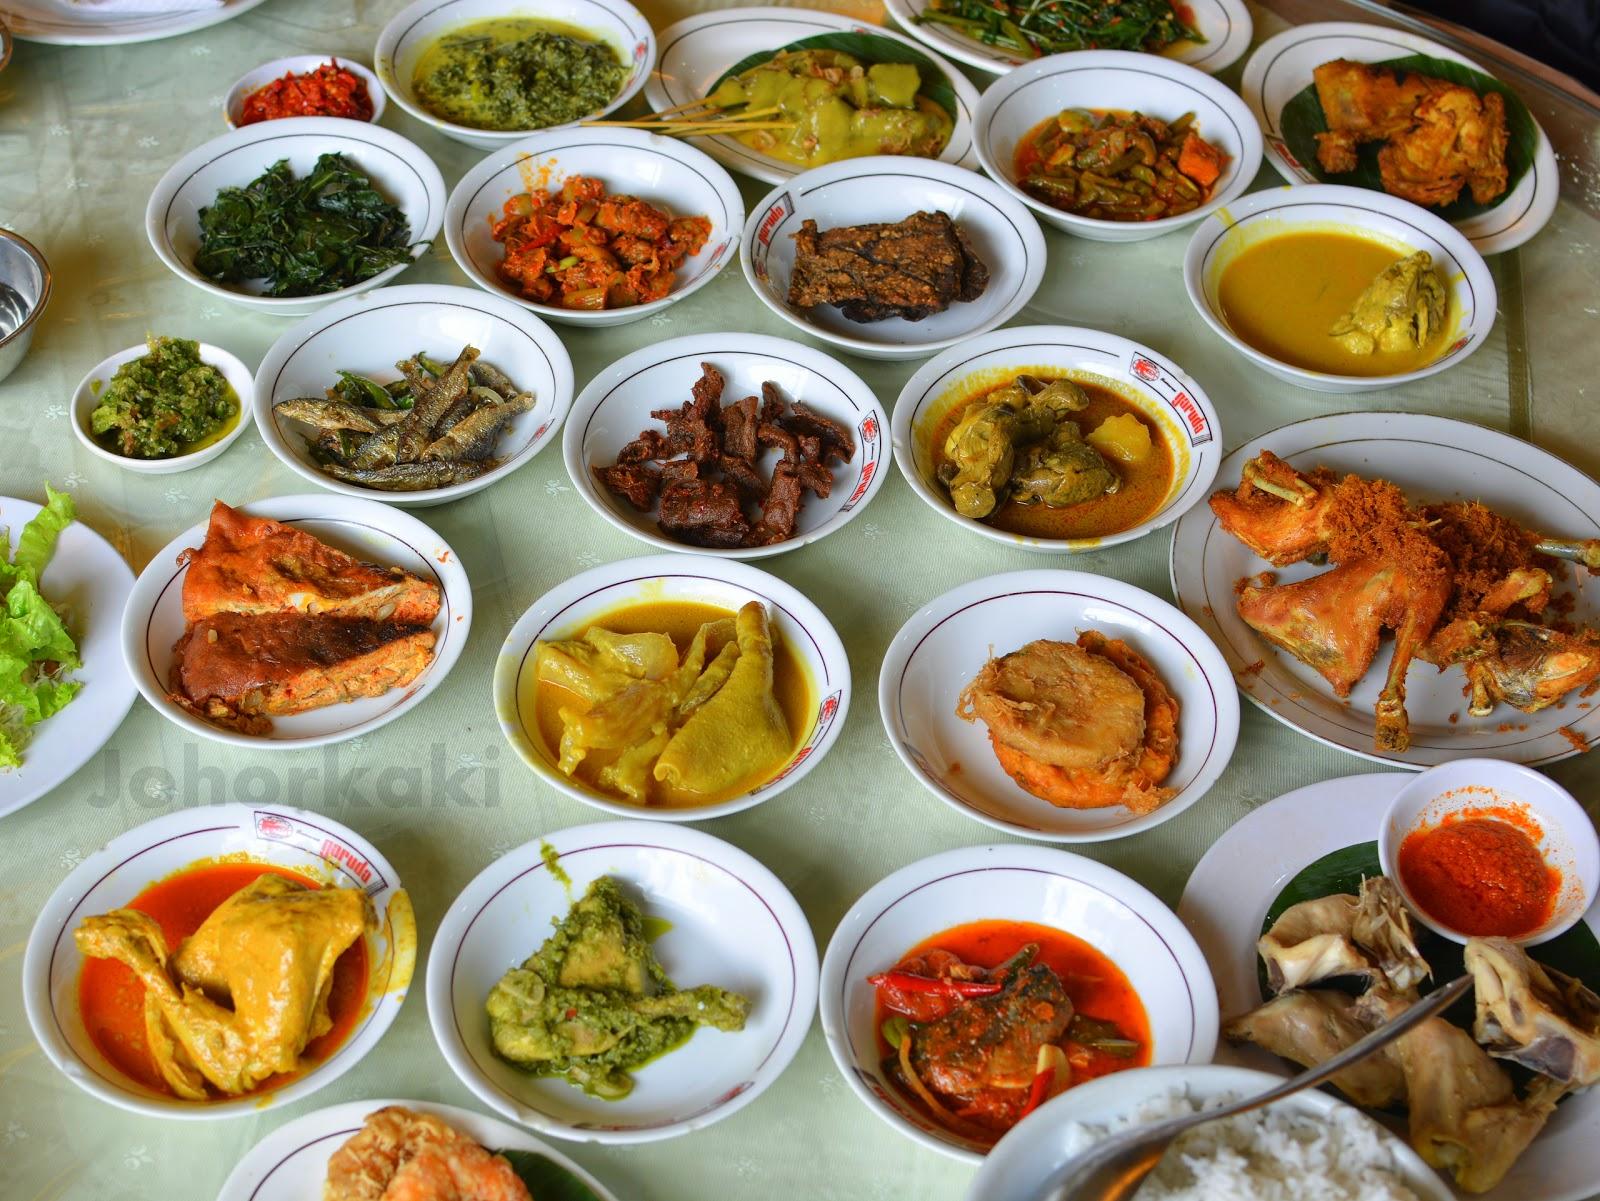 Nasi padang at garuda restaurant in jakarta indonesia for Cuisine kaki